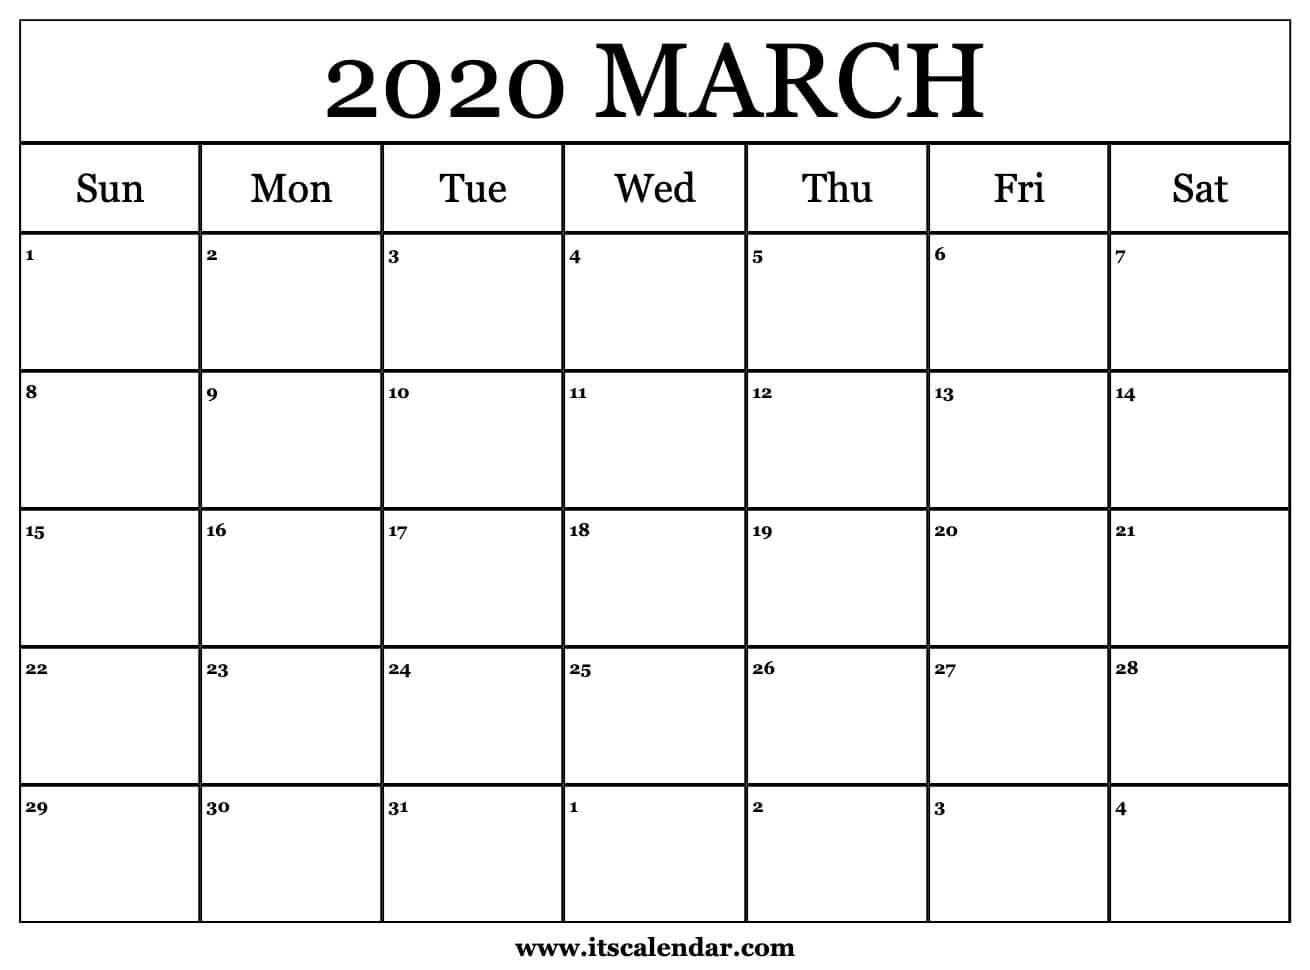 March 7 2020 Calendar